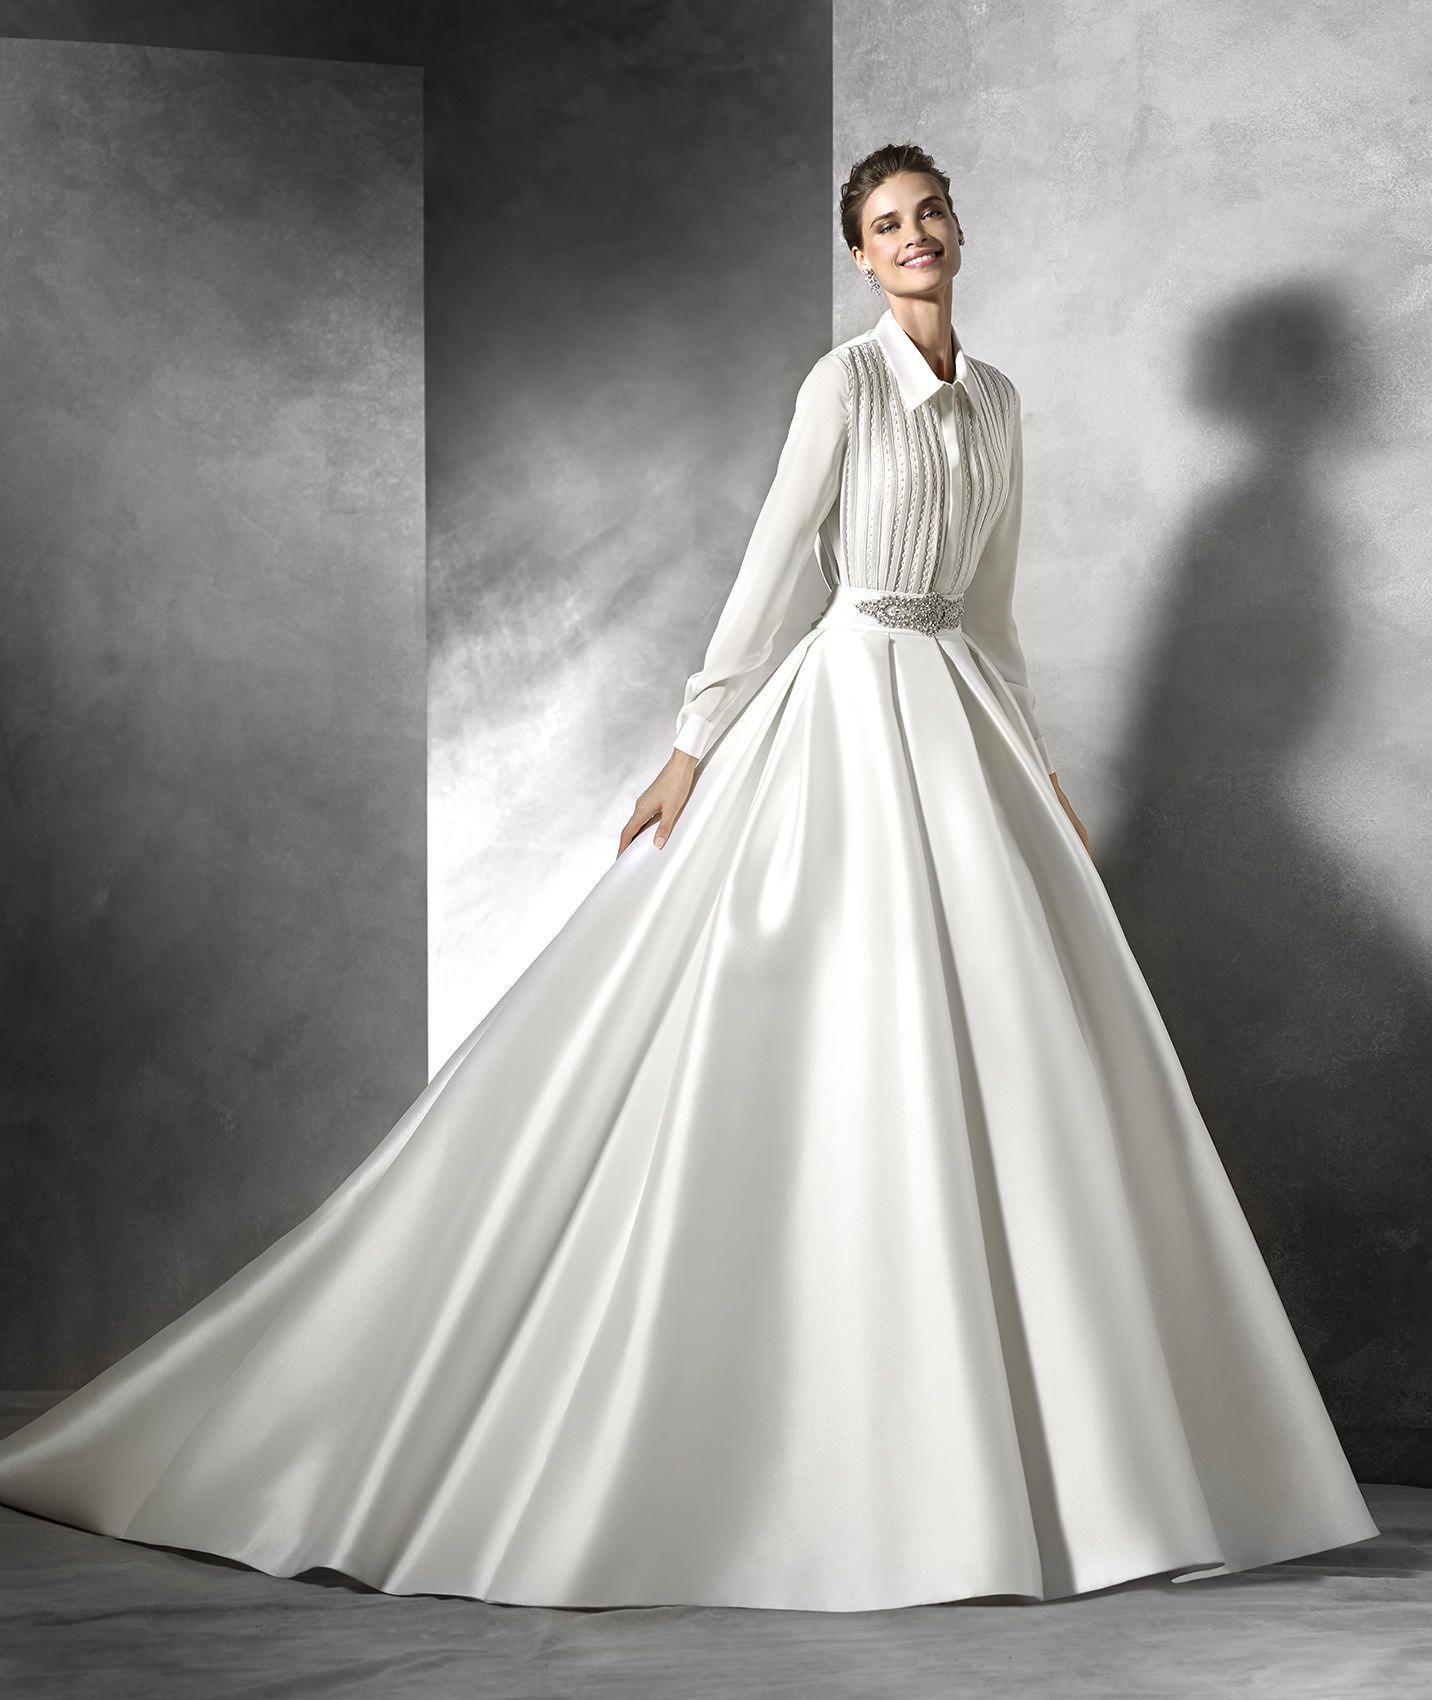 Atlasnoje_svadebnoe_platie (33)